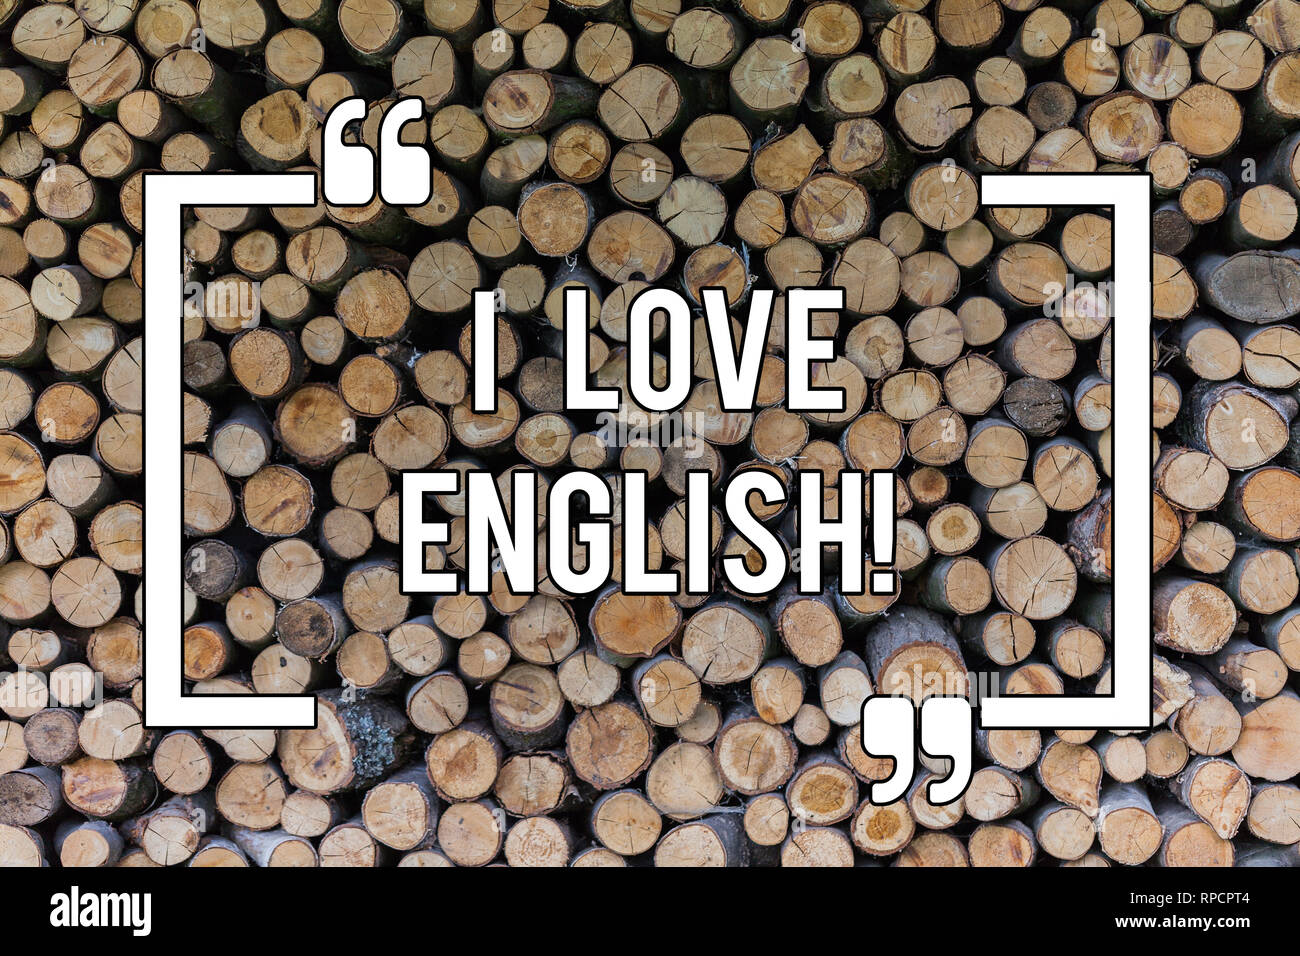 Liebes texte englische 100 »Englische